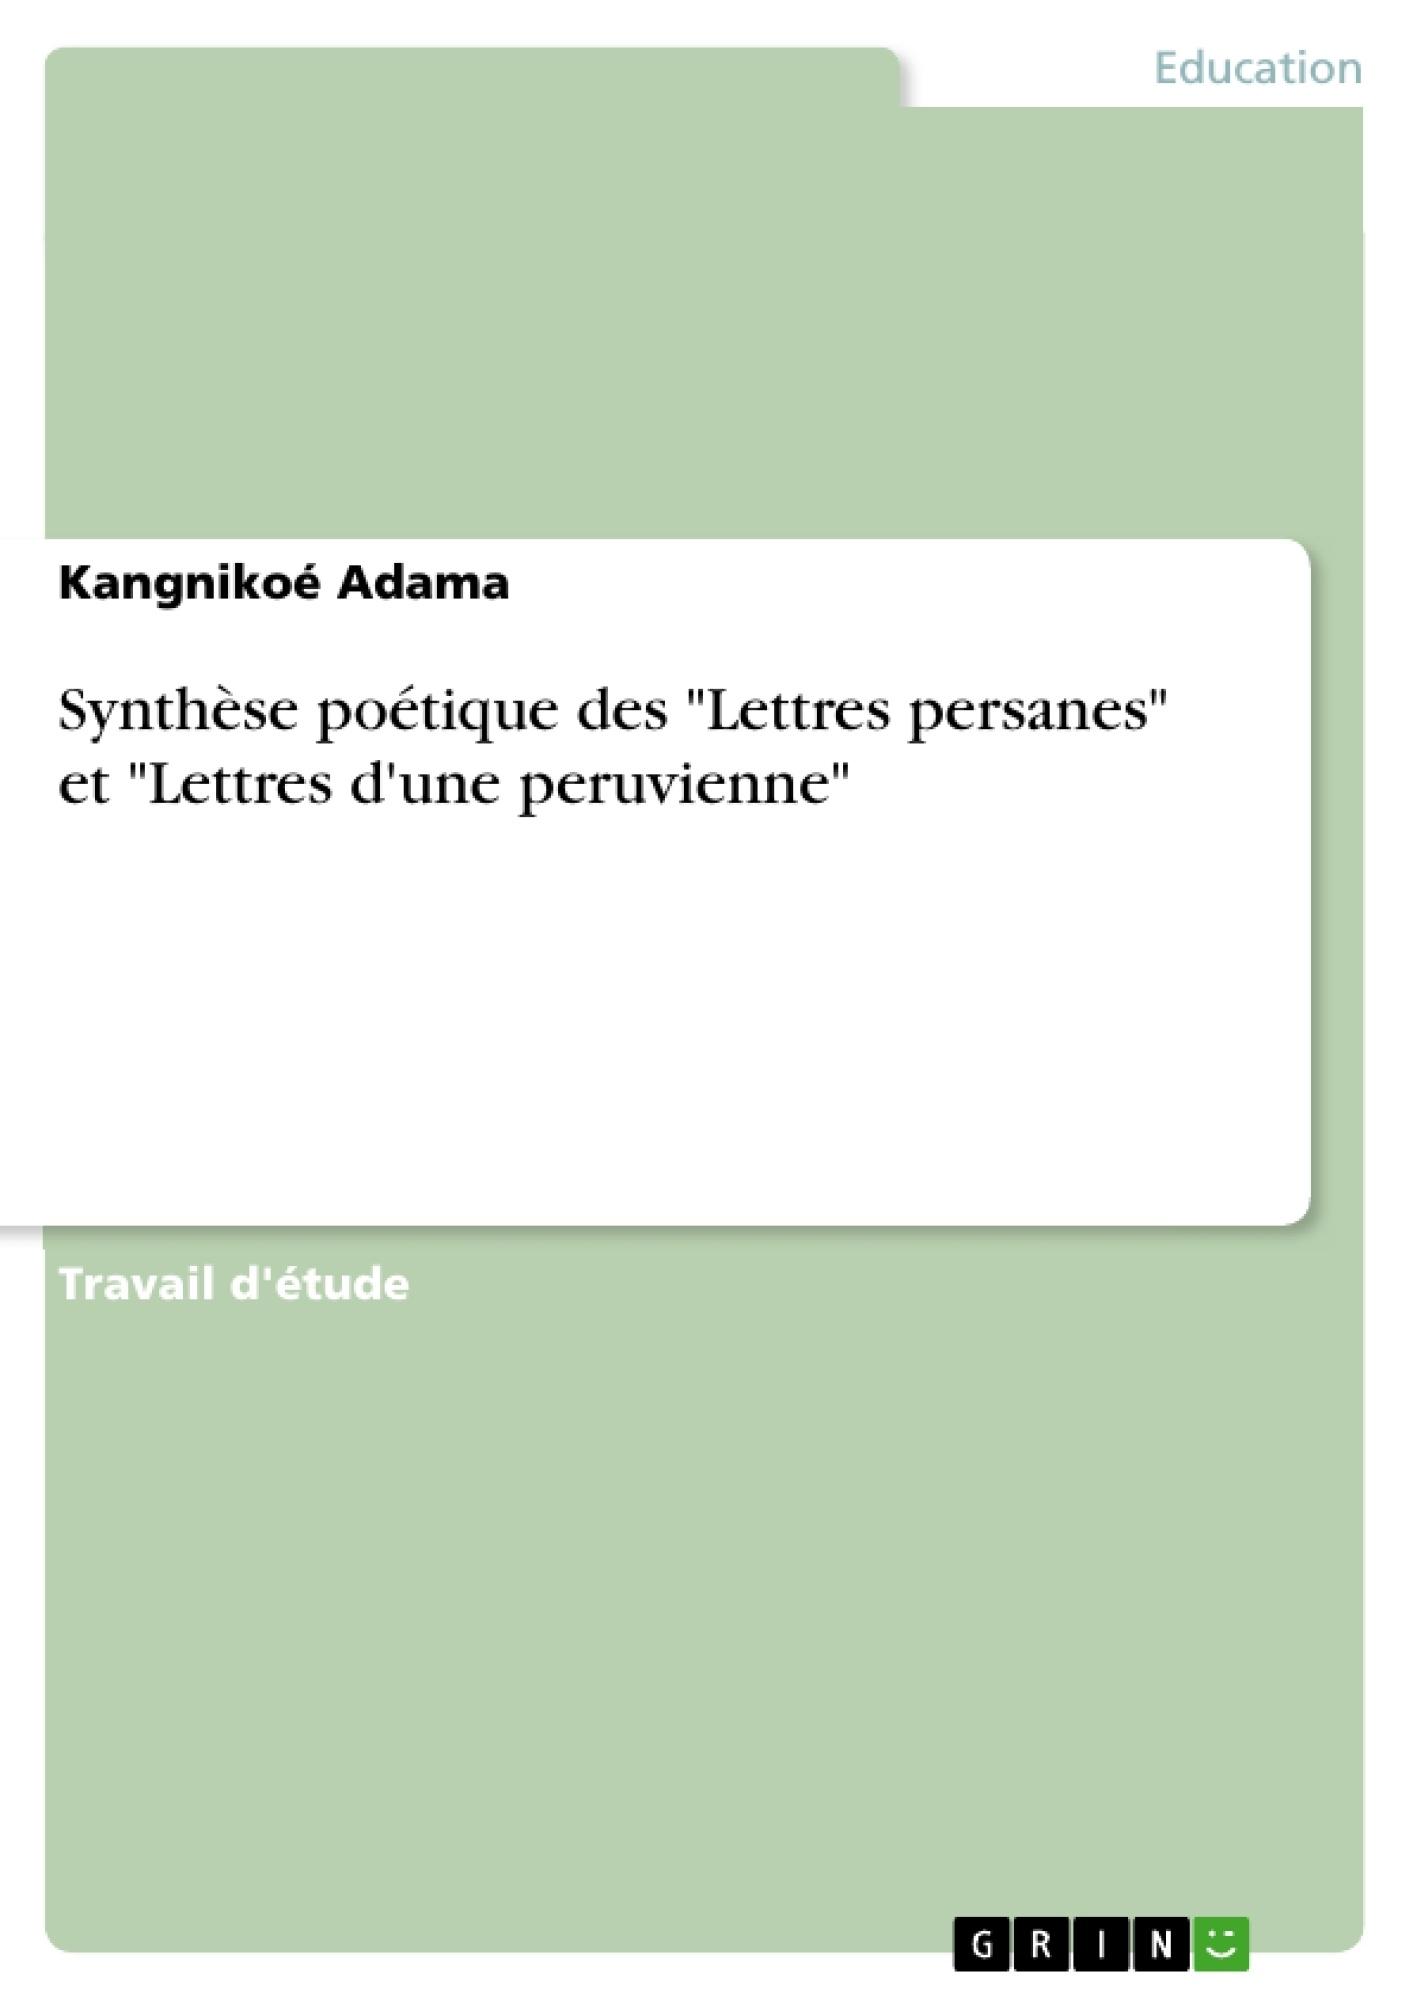 """Titre: Synthèse poétique des """"Lettres persanes"""" et """"Lettres d'une peruvienne"""""""